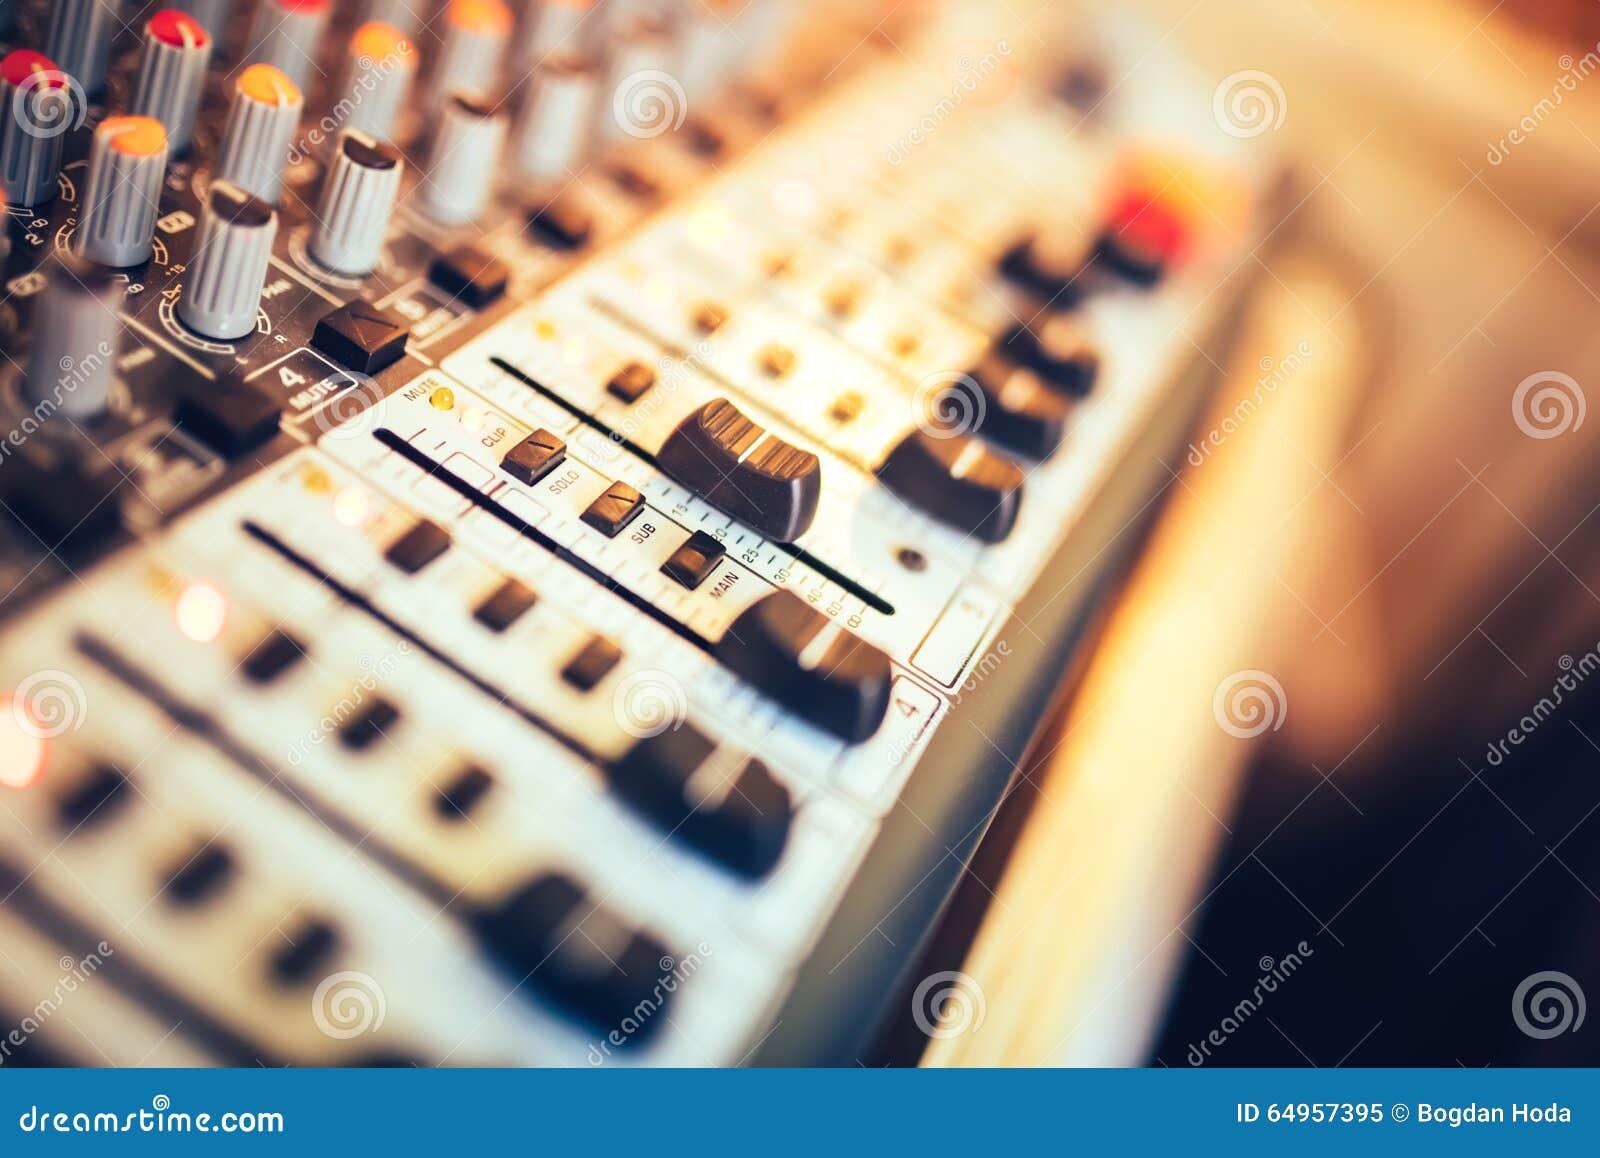 Botão do misturador da música, ajustando o volume Misturador da produção da música, ferramentas de ajuste